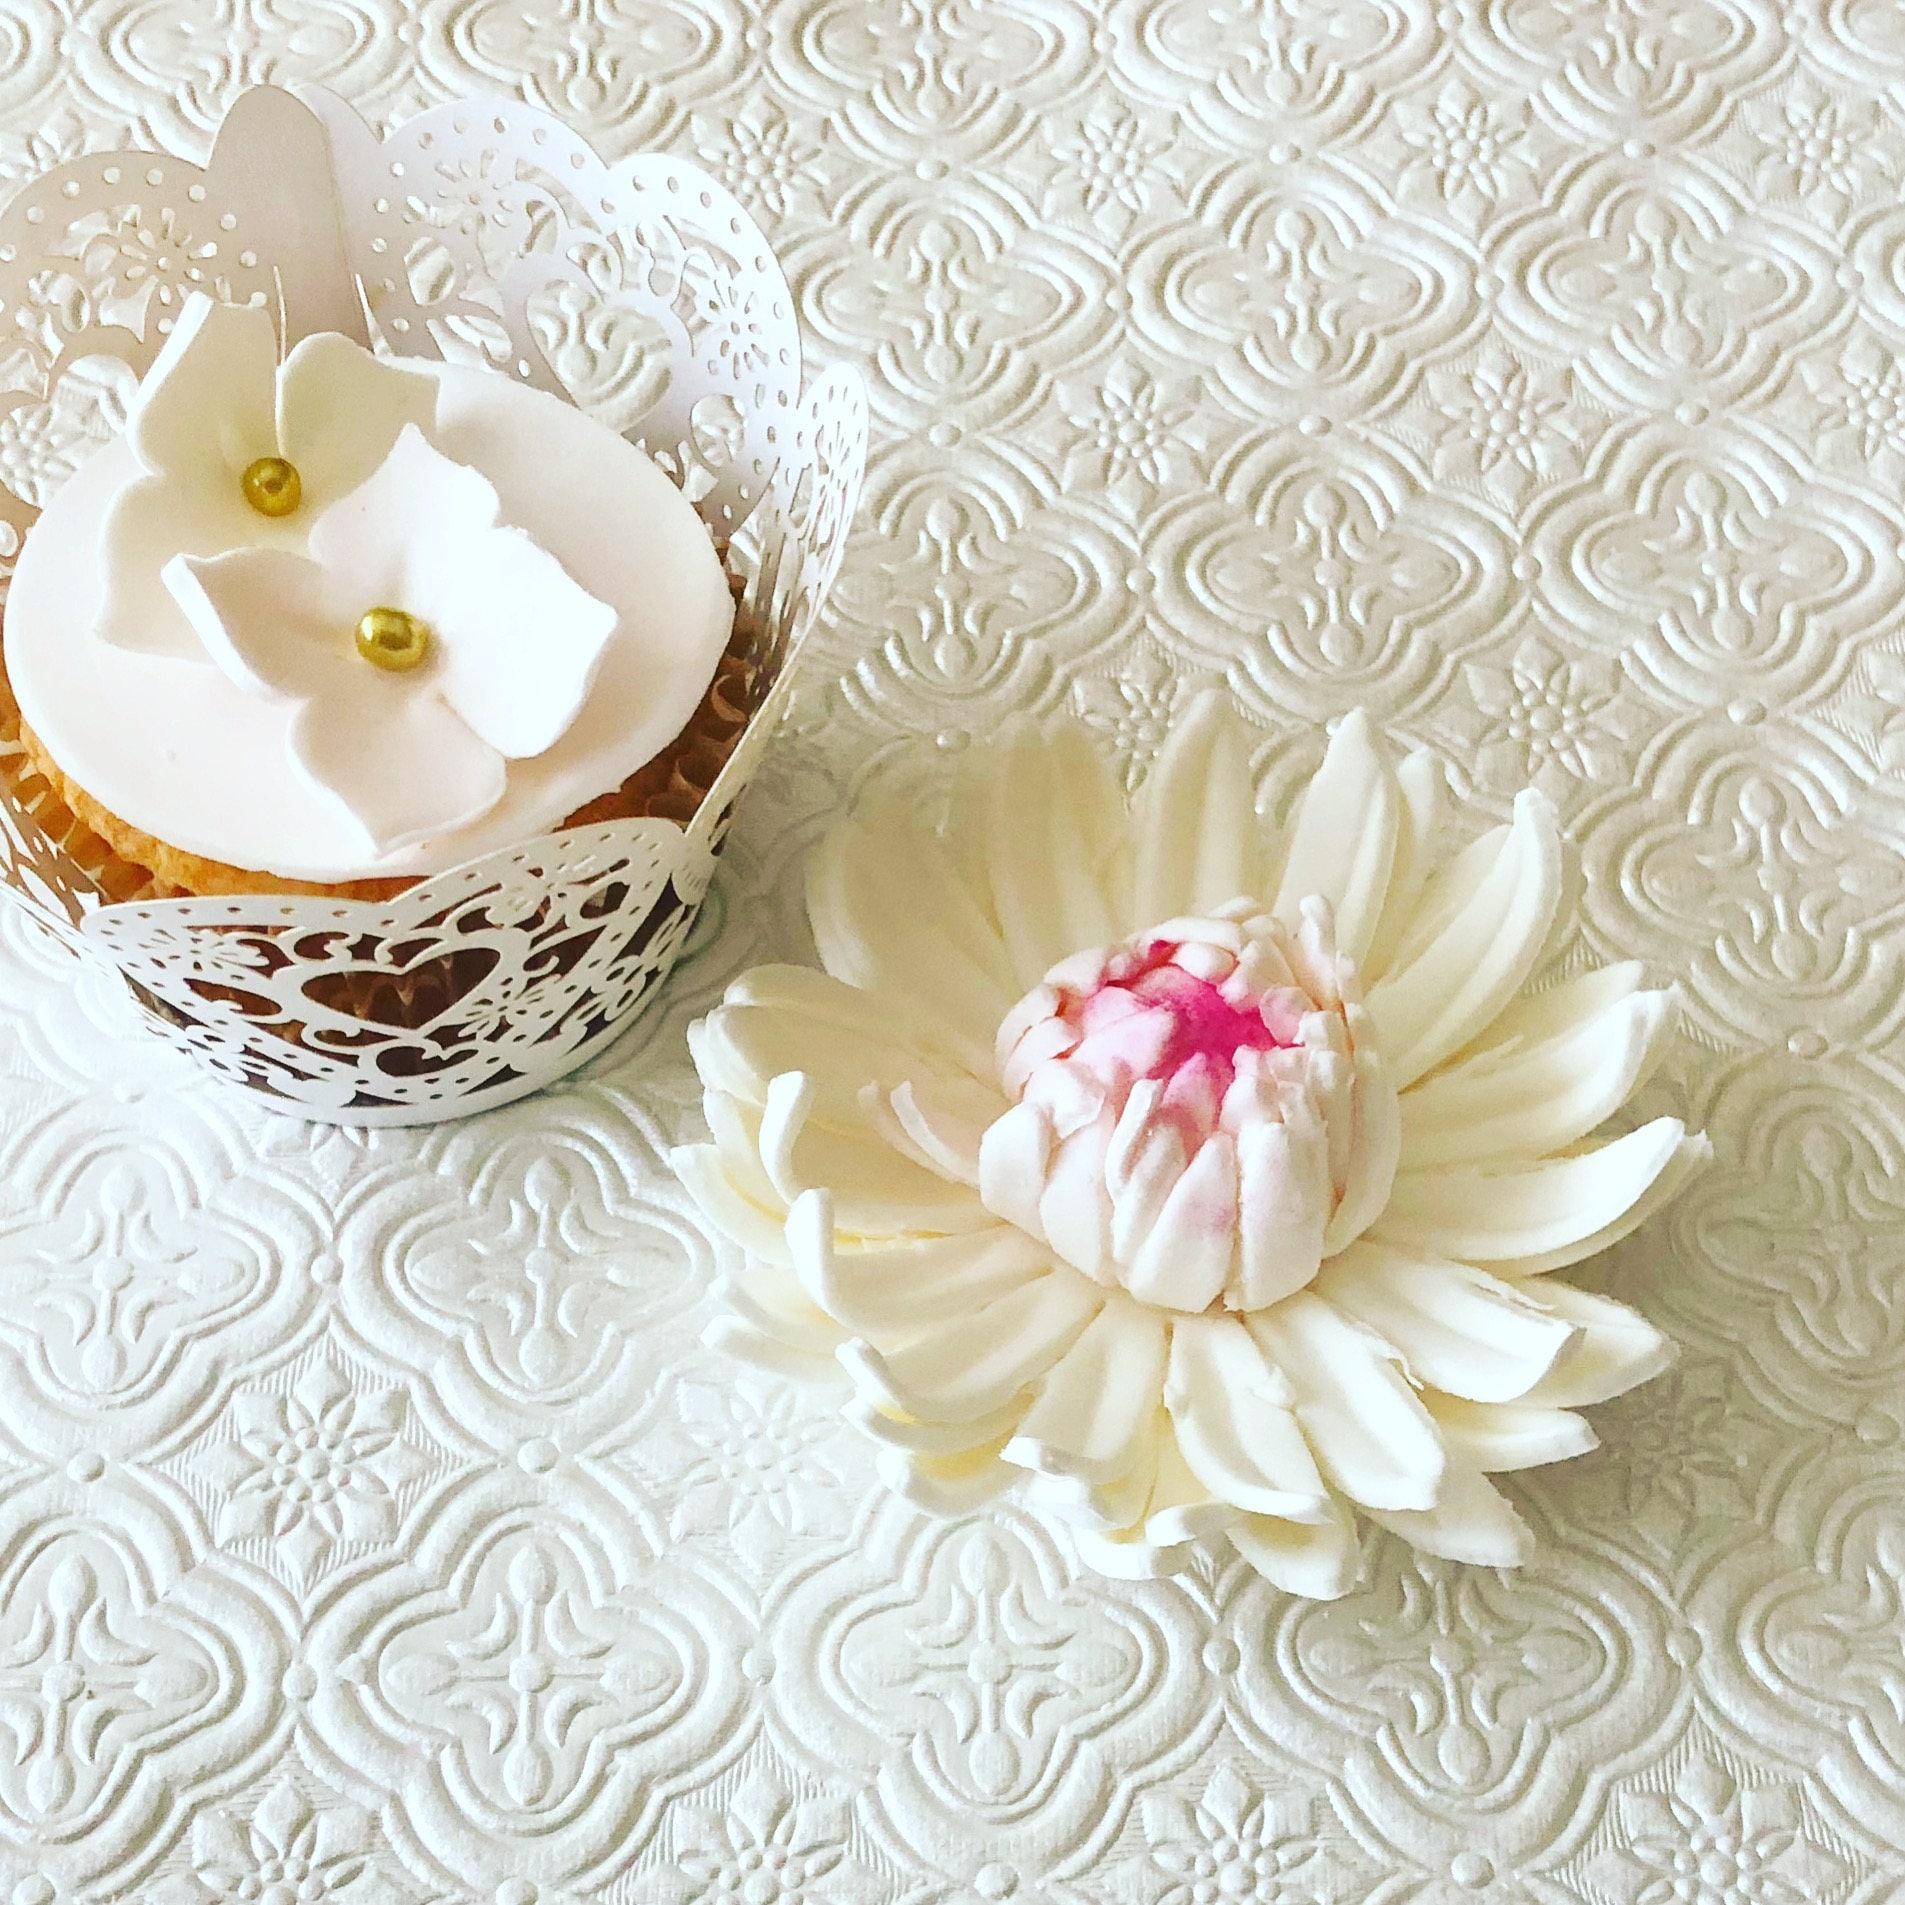 3 Gerbera Daisy Fondant Flower Ii 3 Gerbera Daisy Gumpaste